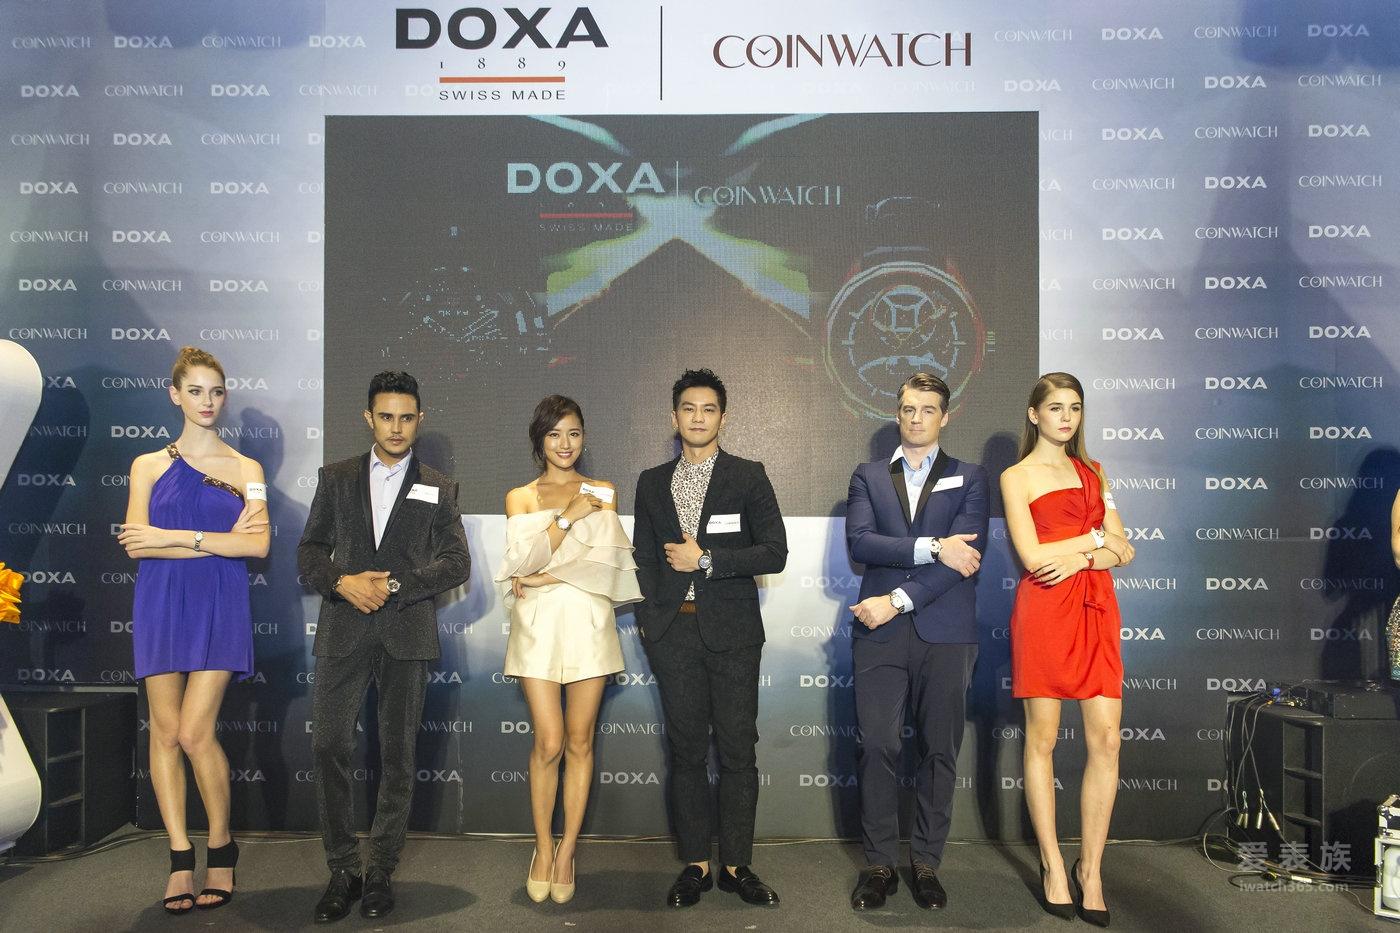 时度联袂 COINWATCH 正式跨足台湾市场 汇集刚柔并济之美 台湾钟表市场增添优质新取向